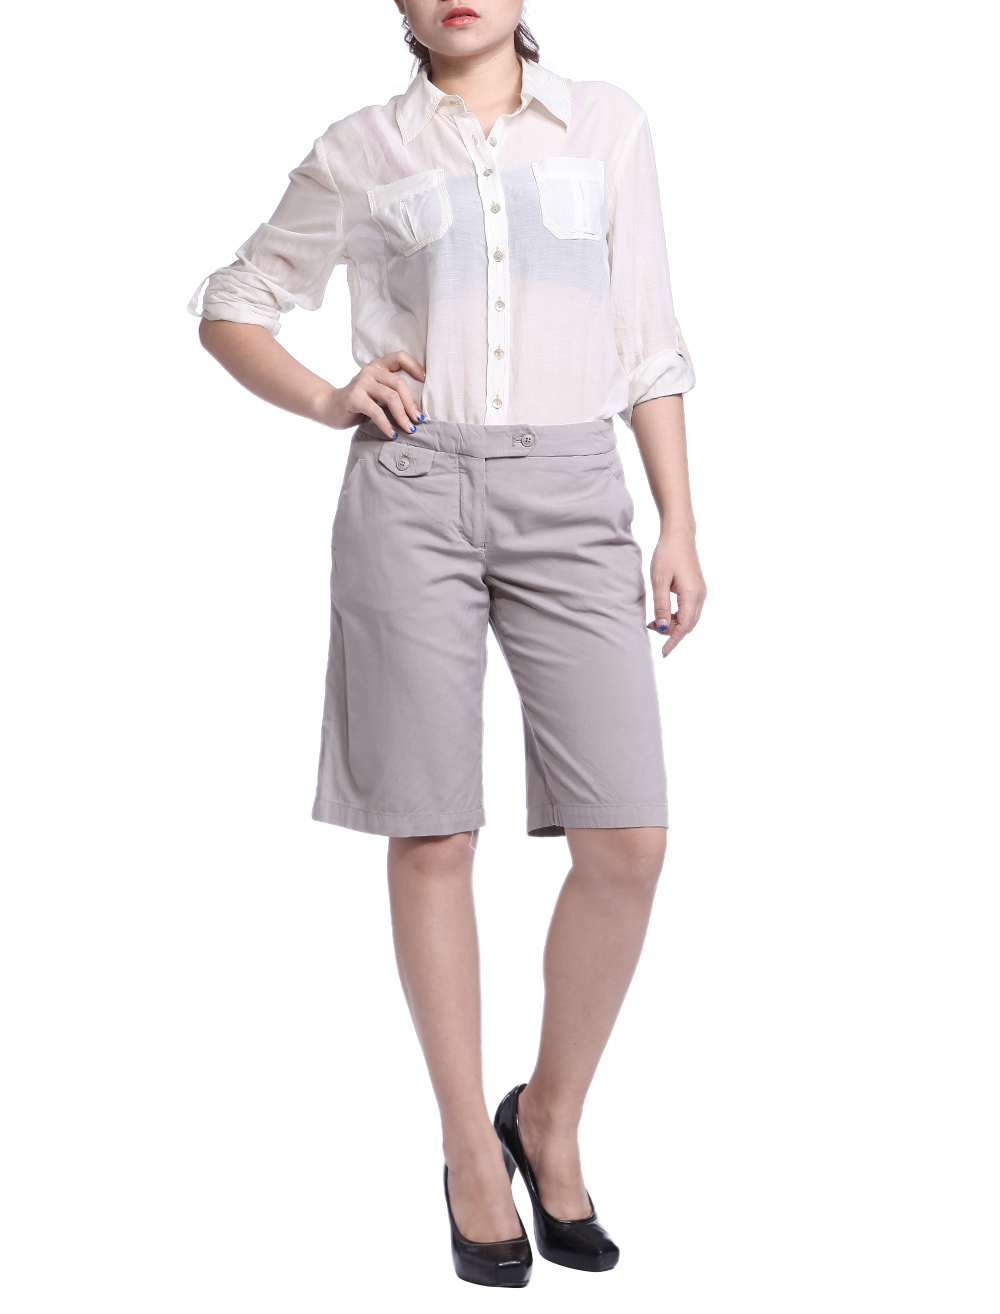 Amazing Lands End Women39s Shorts Khaki Tan Fit 2 NWT Long 7quot Inseam